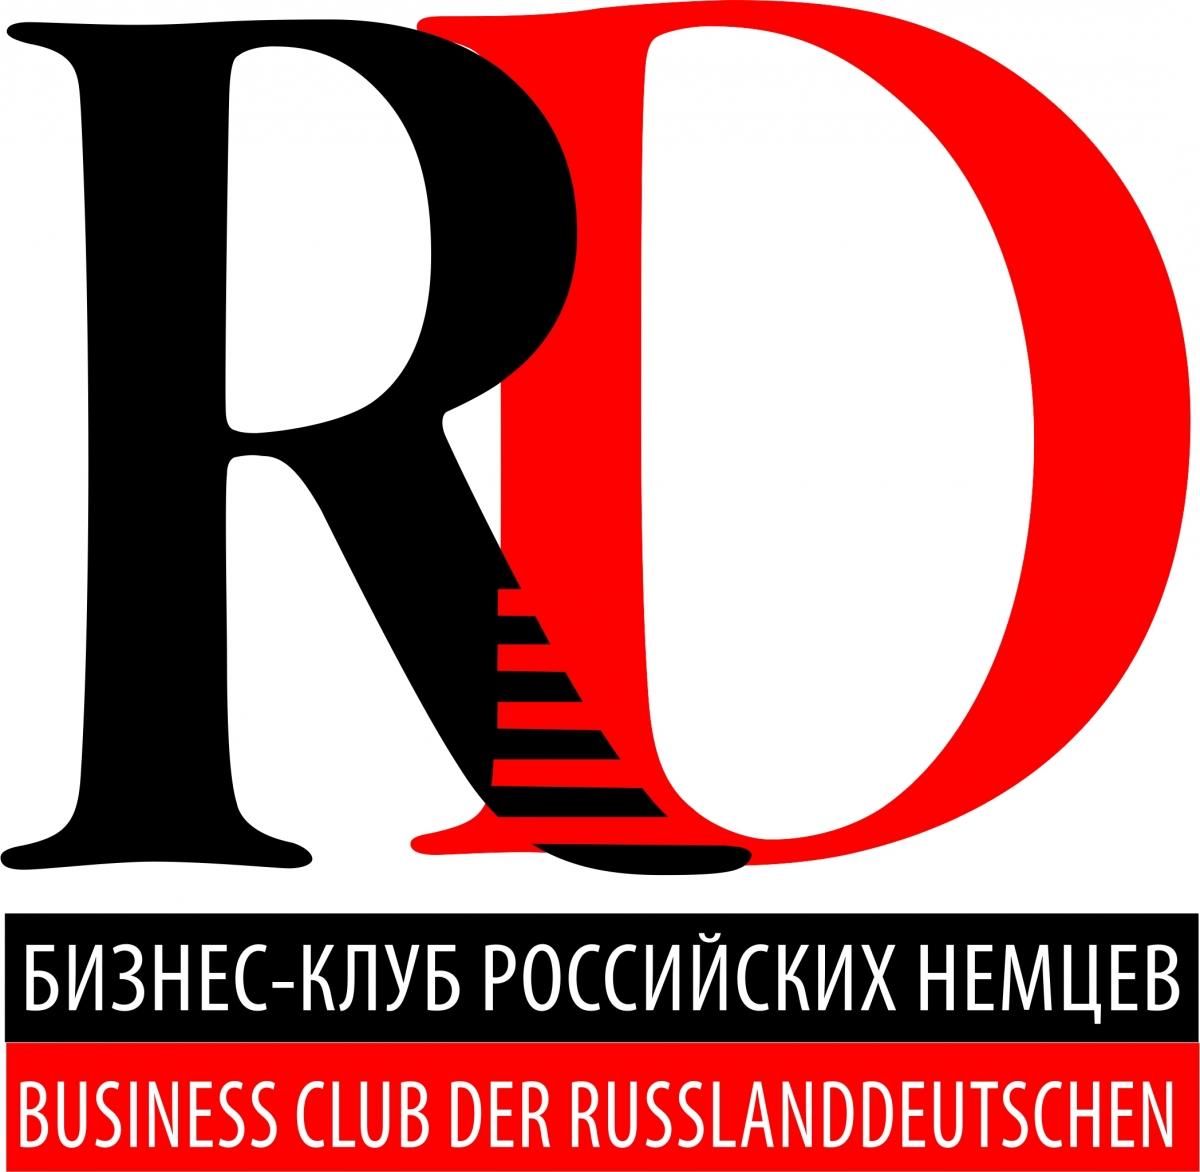 """Осенью состоится встреча Бизнес-клуба российских немцев <br> Дата размещения: 07.09.2015, <a style=""""text-shadow: 0px 0px 0;"""" href=http://www.rusdeutsch.ru/?news=8002 target=_blank >Читать статью</a>, <a style=""""text-shadow: 0px 0px 0;"""" href=http://www.rusdeutsch.ru/fotos/10166_b.jpg target=_blank >Скачать</a>"""